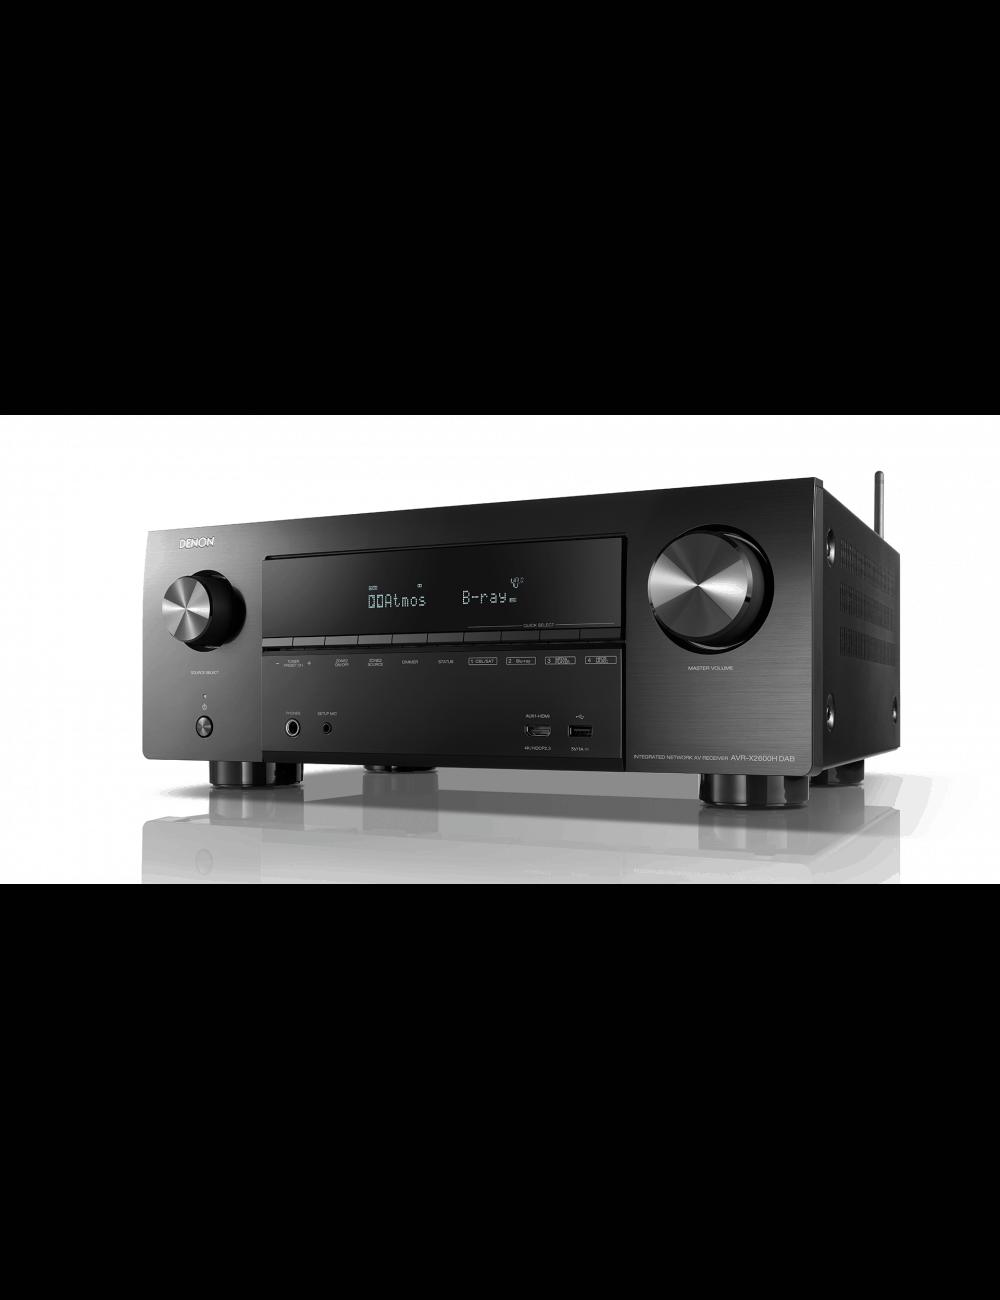 Sintoamplificatore AV 7.2 canali 4K Ultra HD con Audio 3D e HEOS, Denon AVR-X2600H DAB, vista frontale